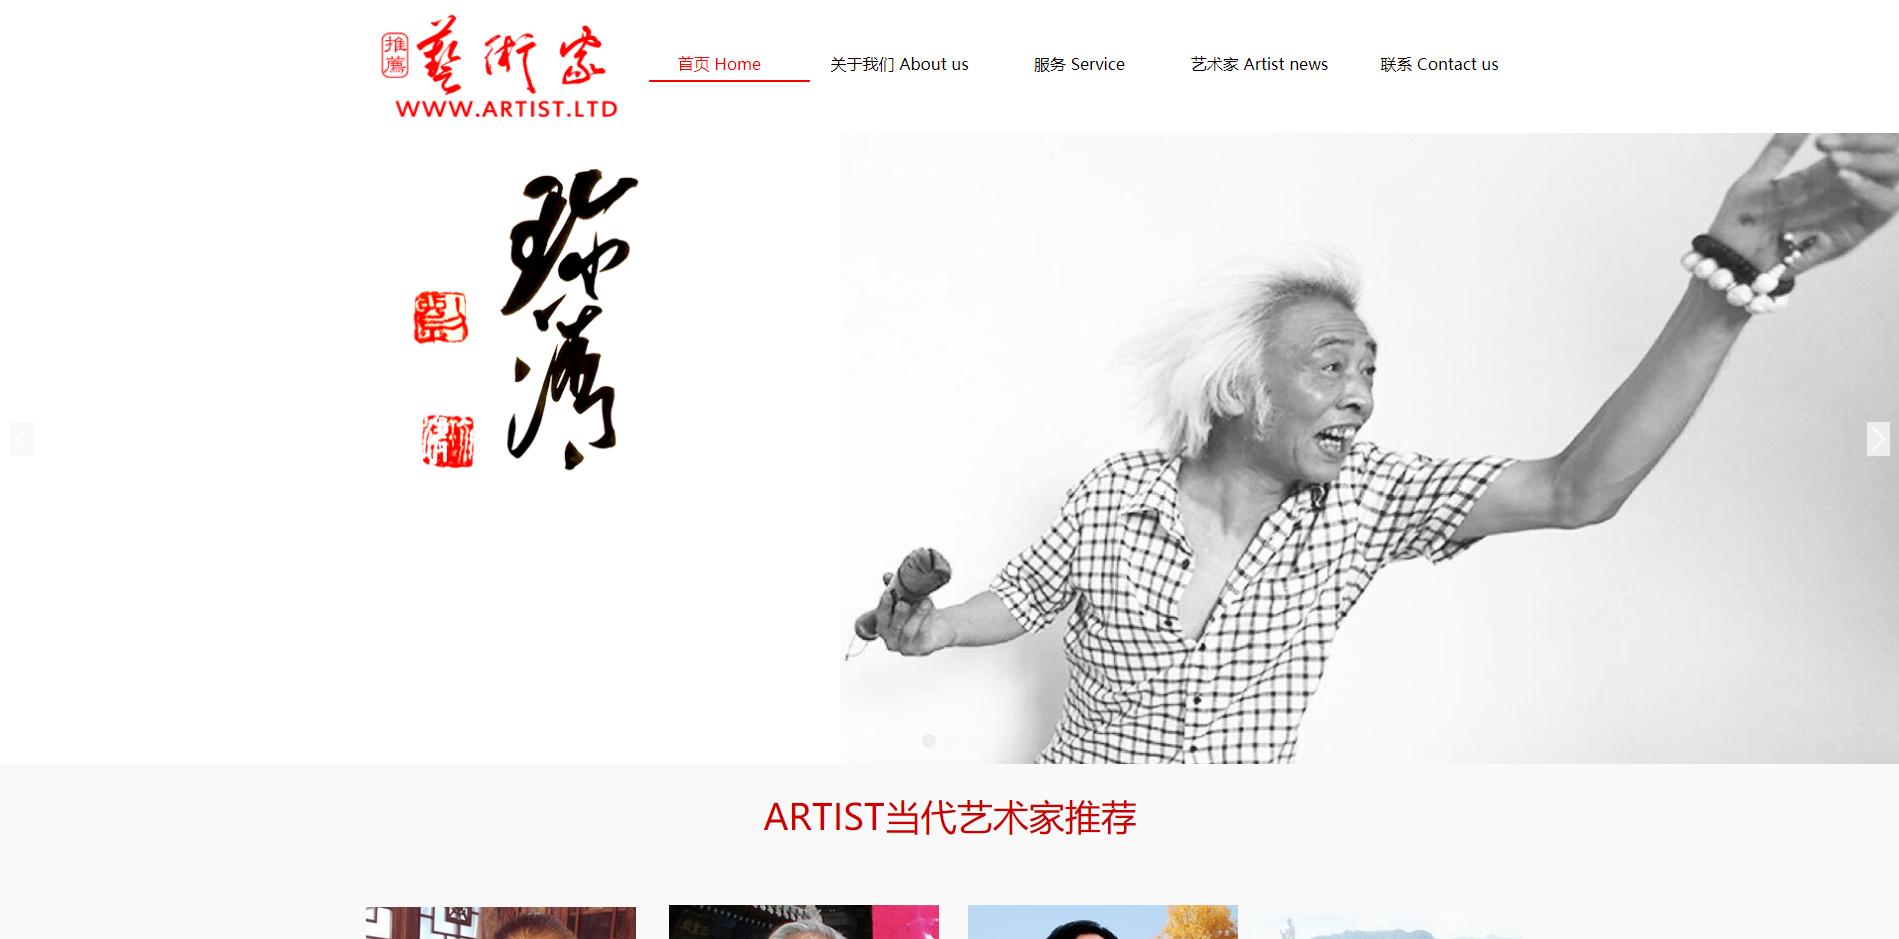 Artist 艺术家网